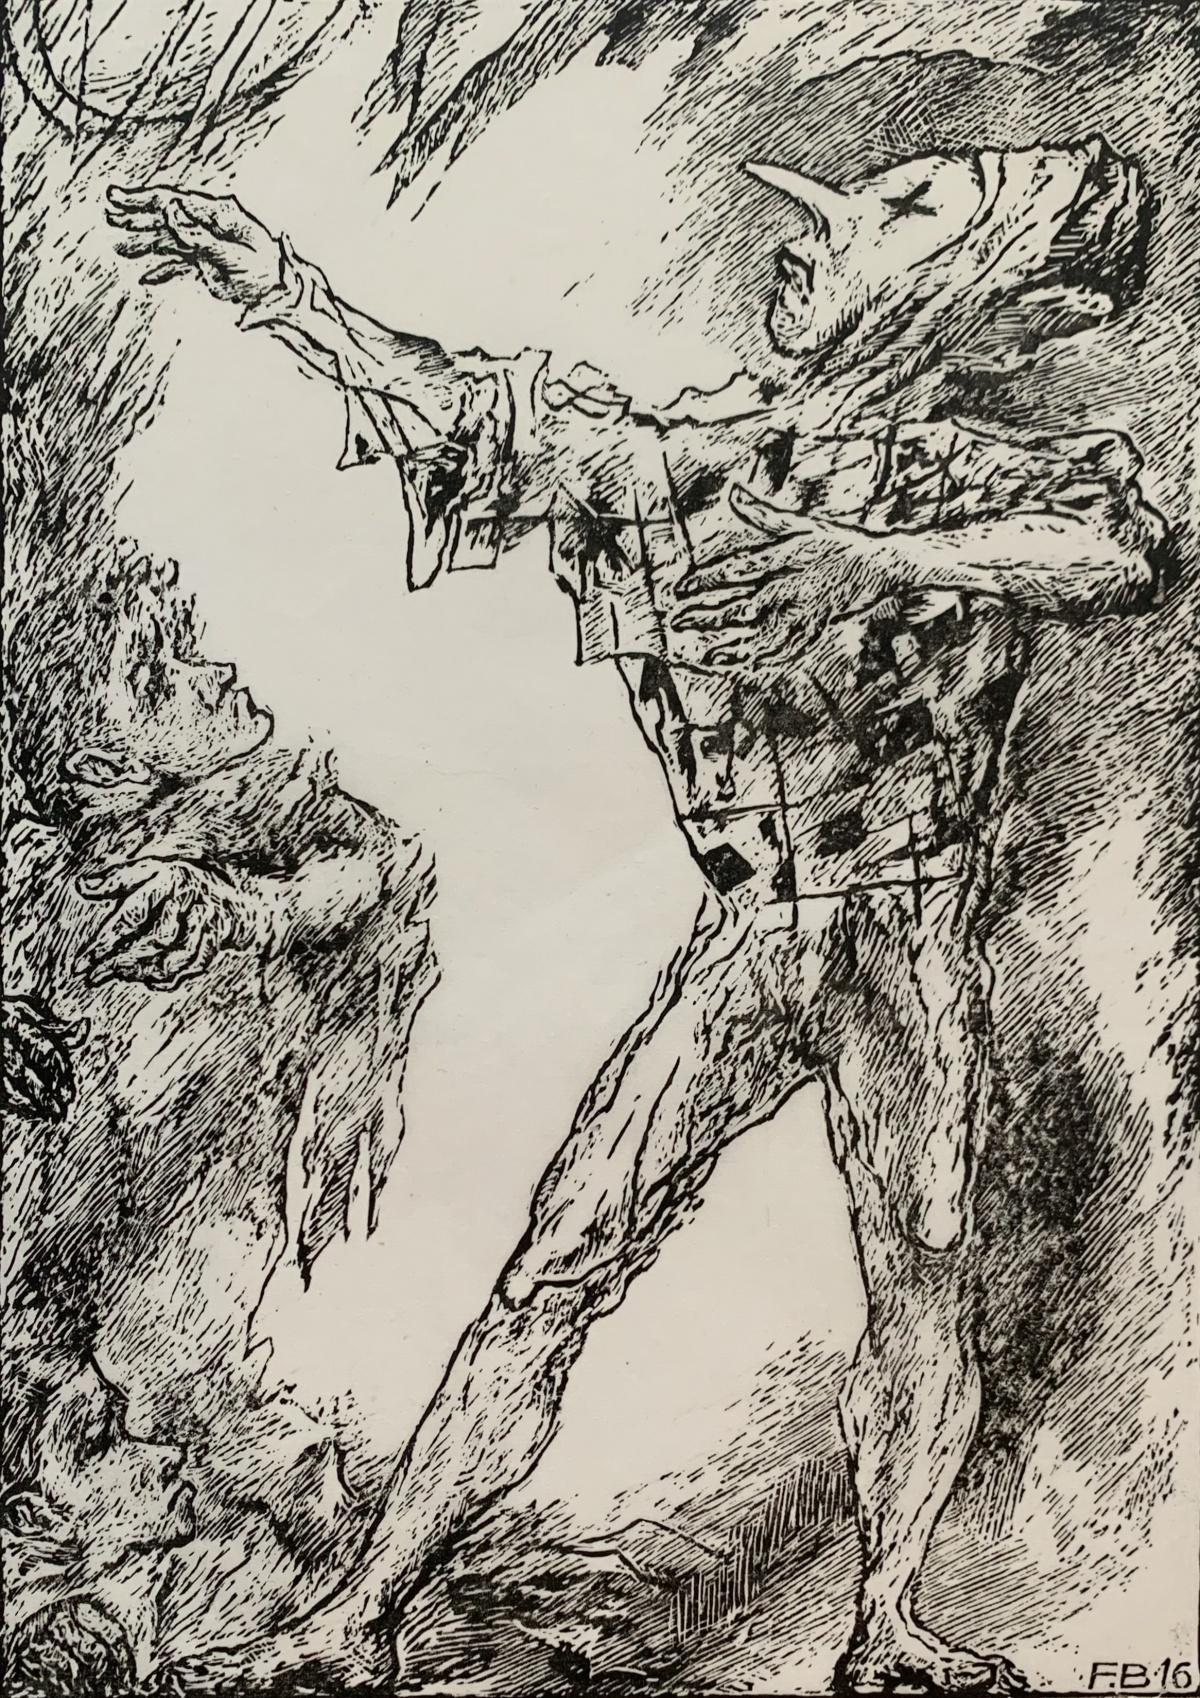 A clown - Black and white linocut, Figurative, Vertical